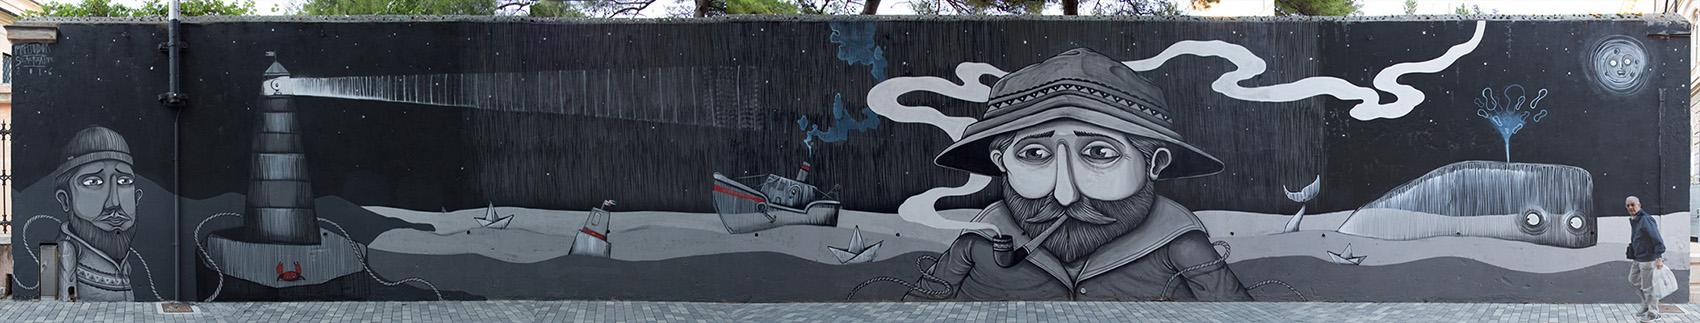 mrfijodor-series-of-murals-06